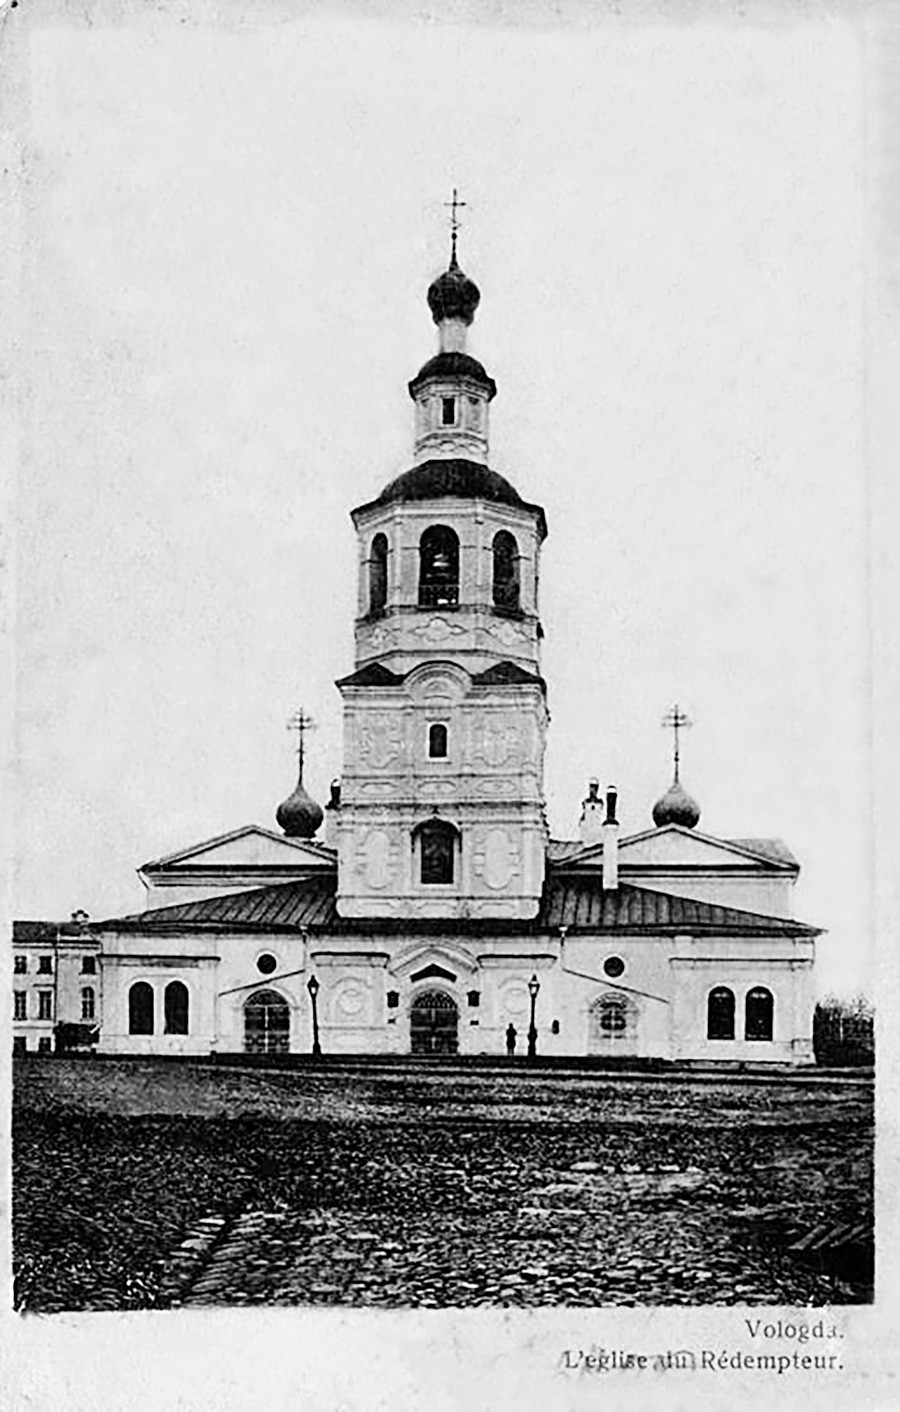 Spaso-Vsegradsky cathedral in Vologda, destroyed in 1972.